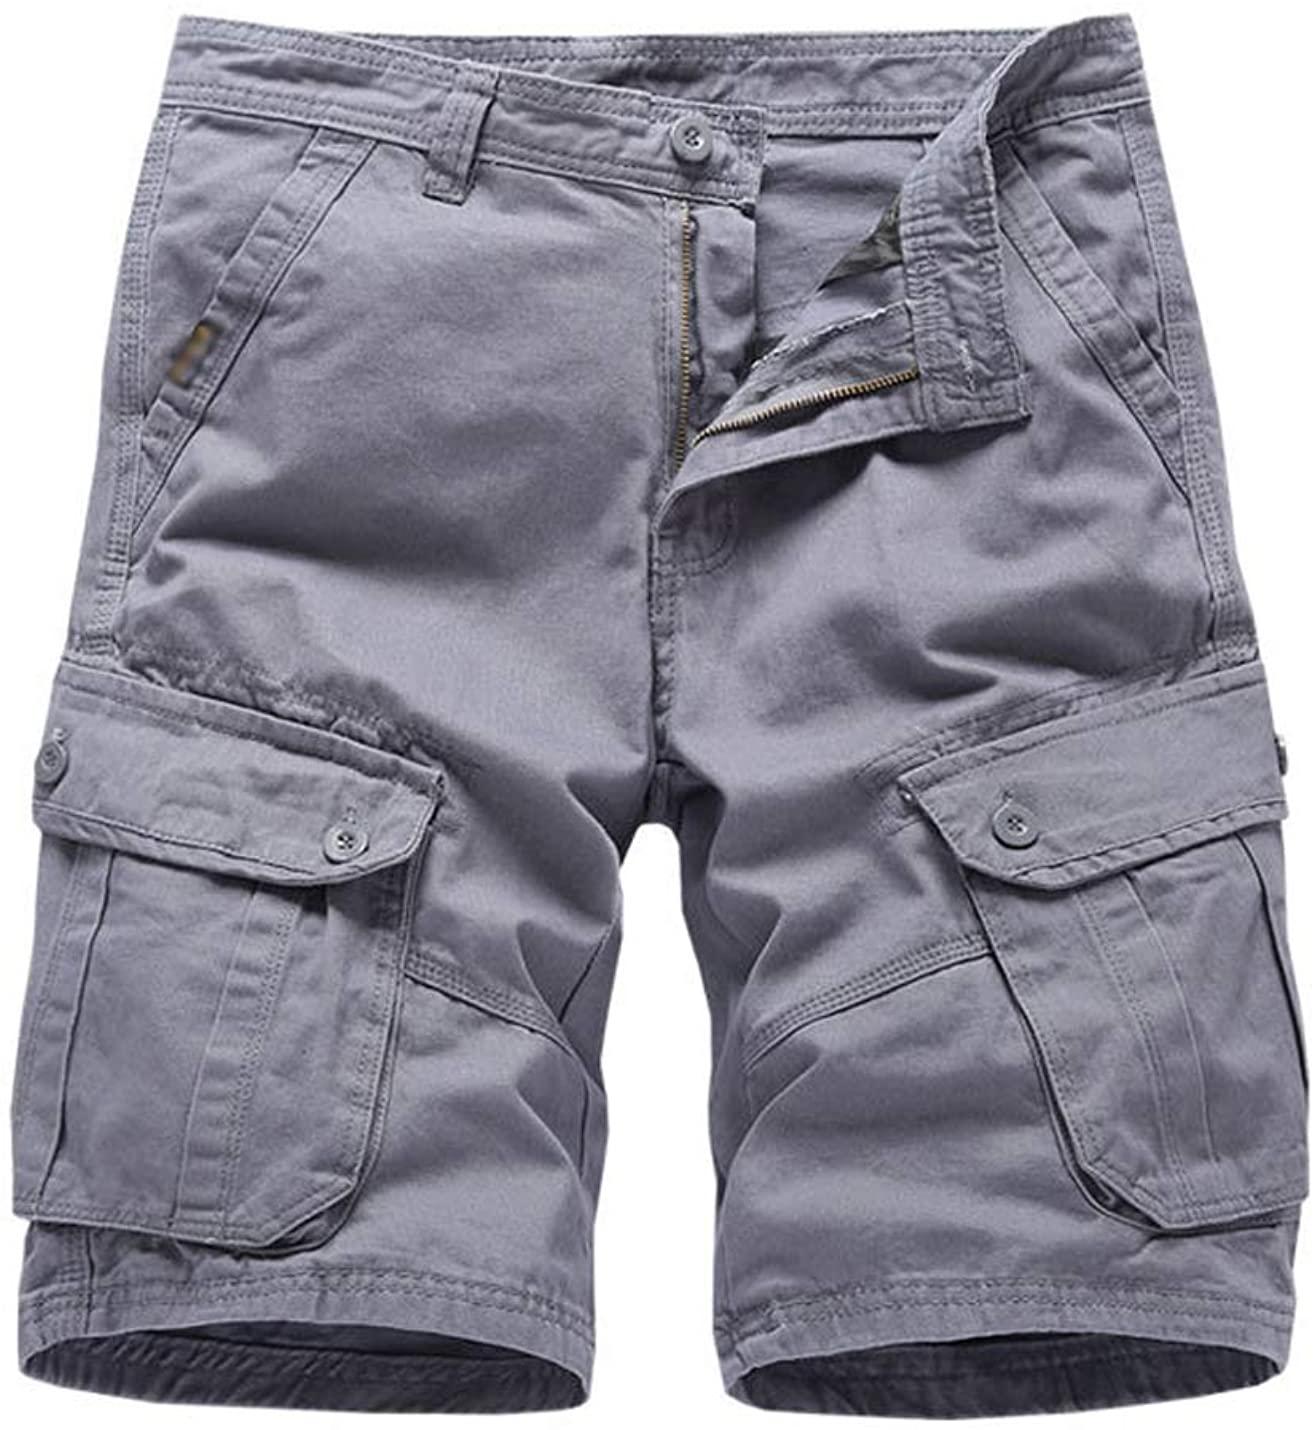 Hongsui Men's Summer Loose Overalls Multi-Pocket Shorts